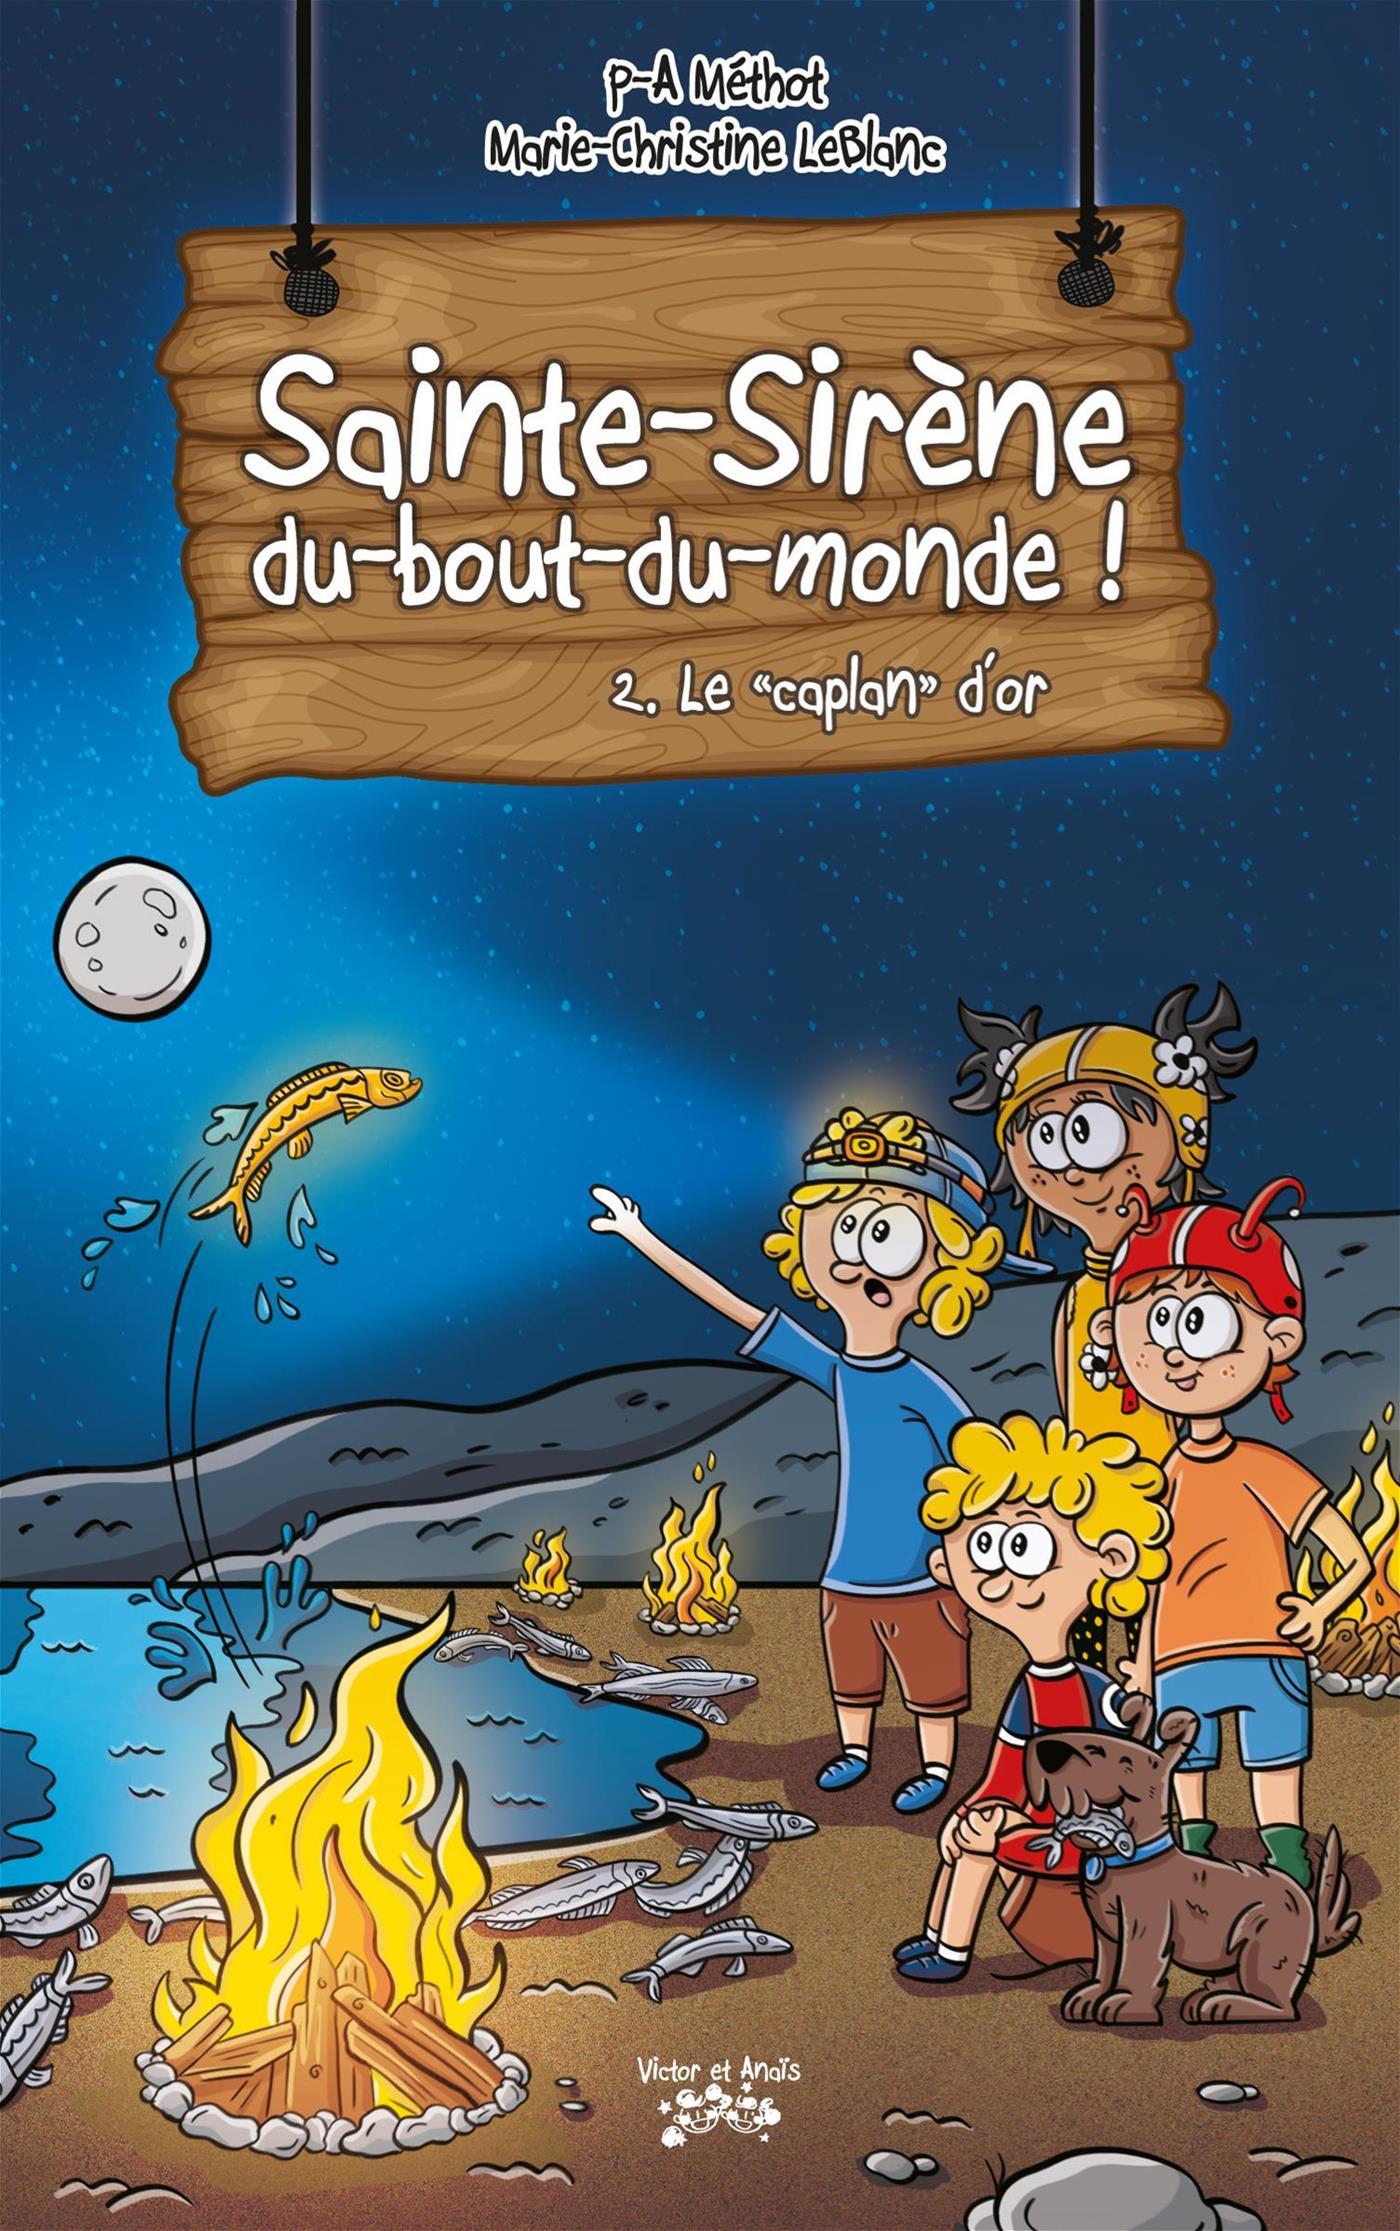 Sainte-Sirène du-Bout-du-Monde!